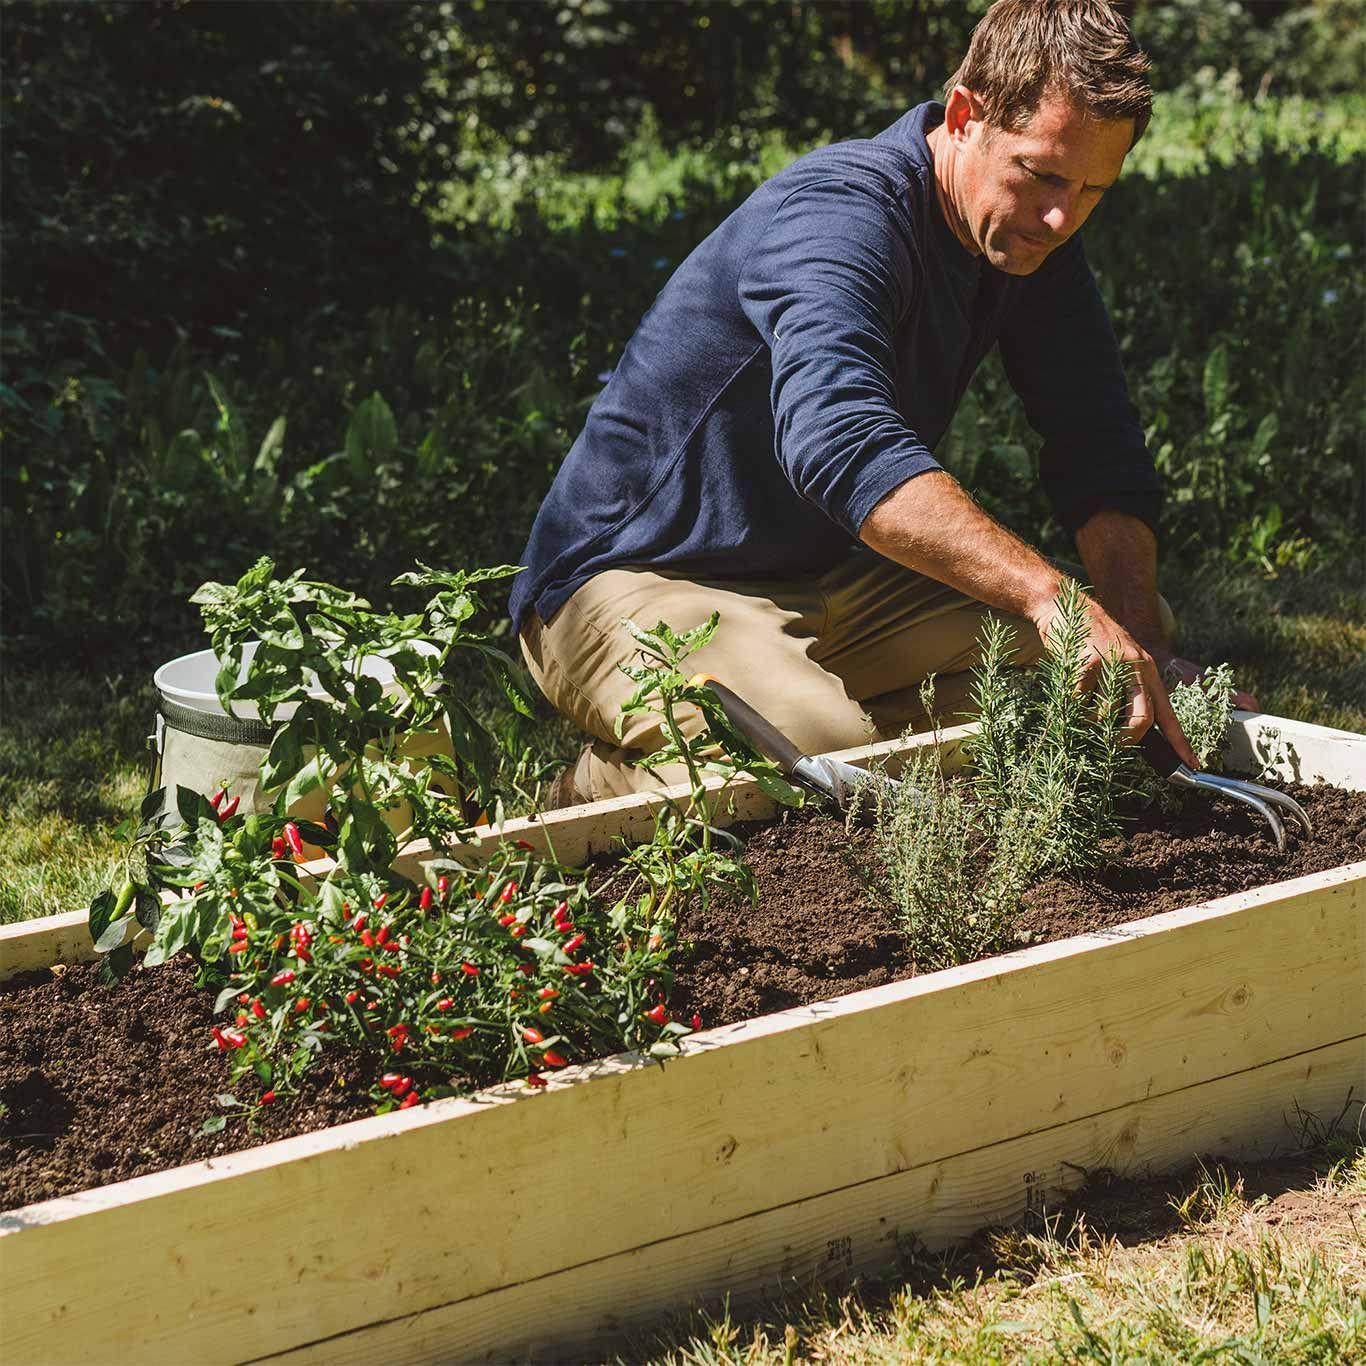 Raised Garden Bed Plans For Seniors Building raised